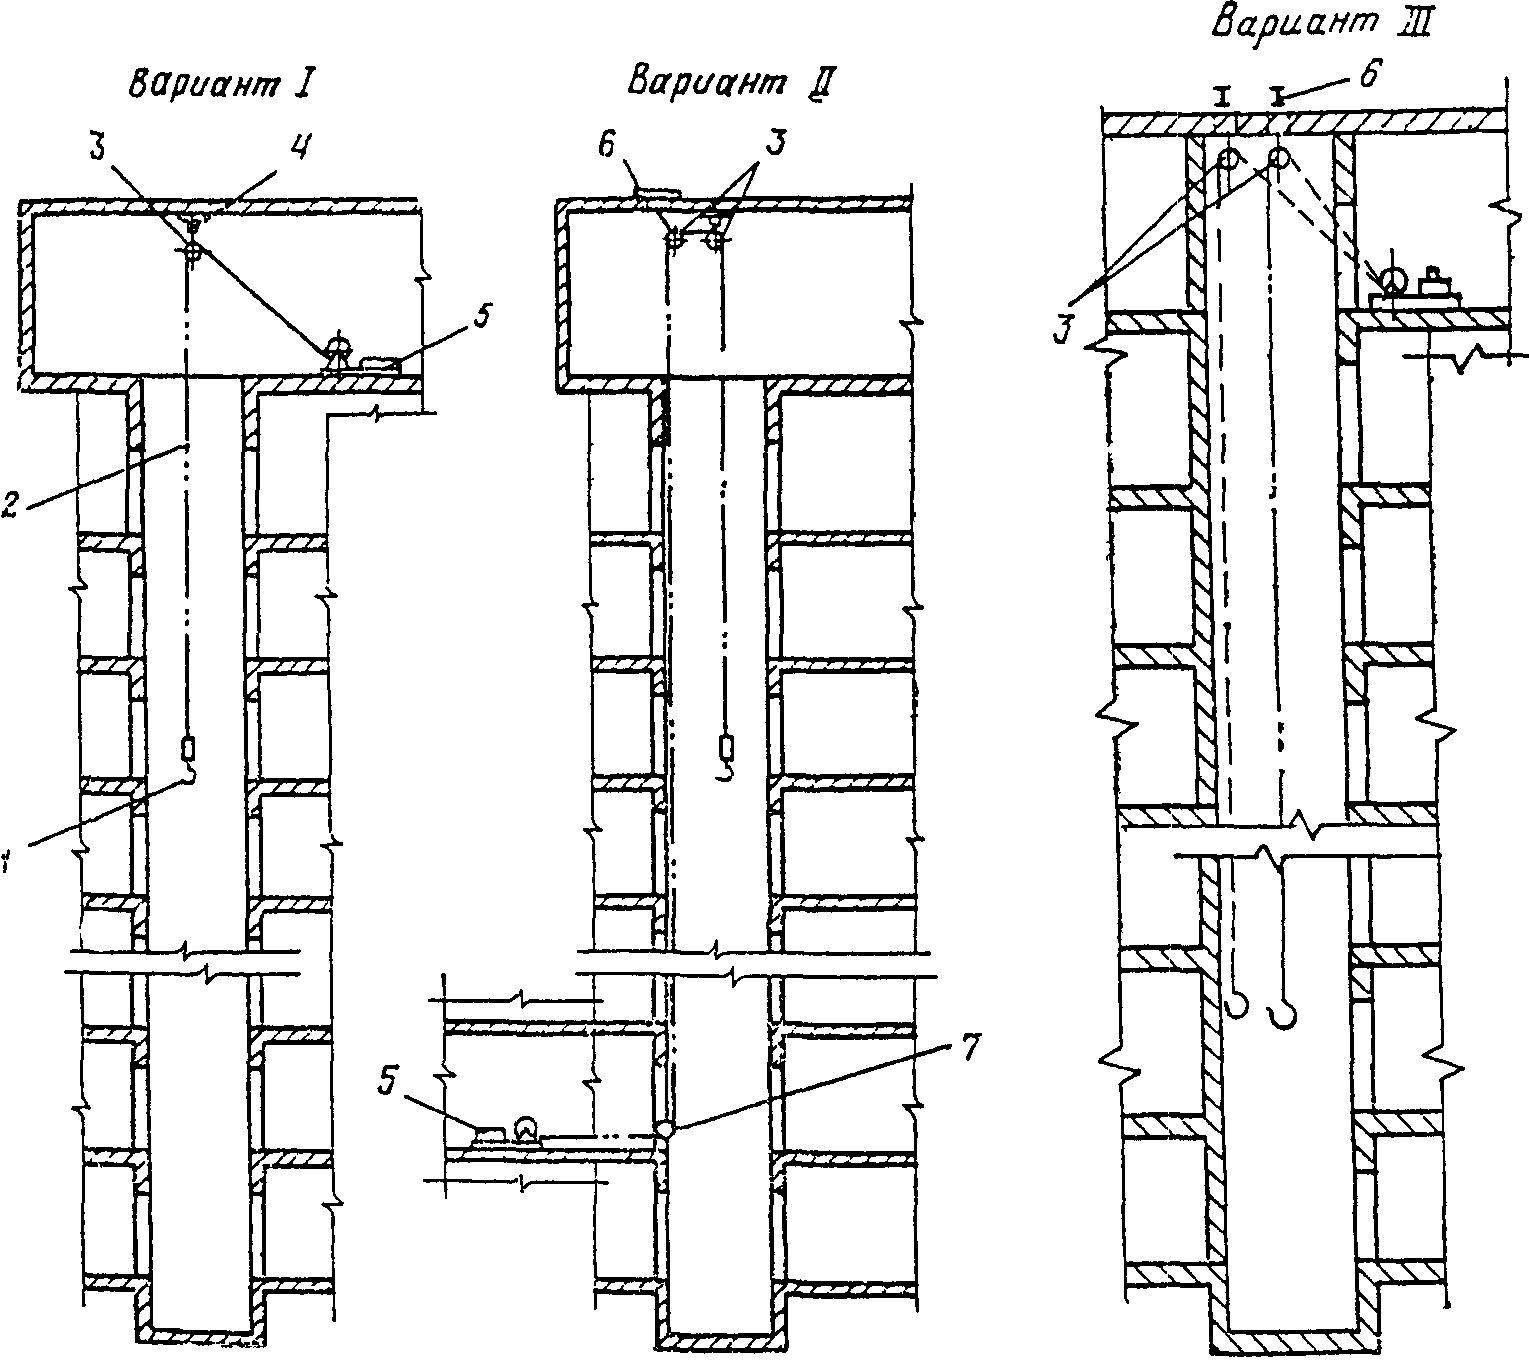 336. 250.  220. Рис. 15.  Схема установкимонтажной лебедки и запасовки грузового каната.